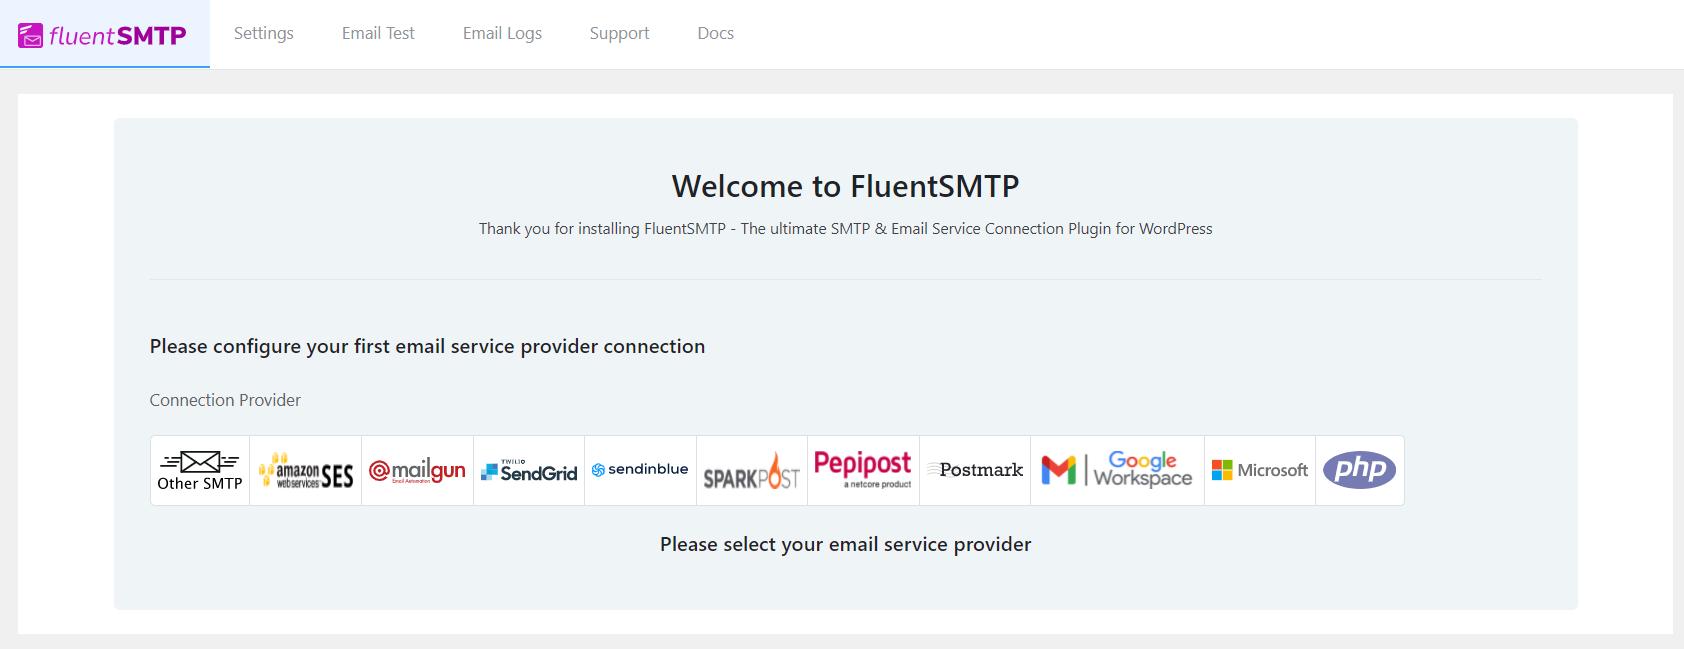 fluentsmtp email configuration